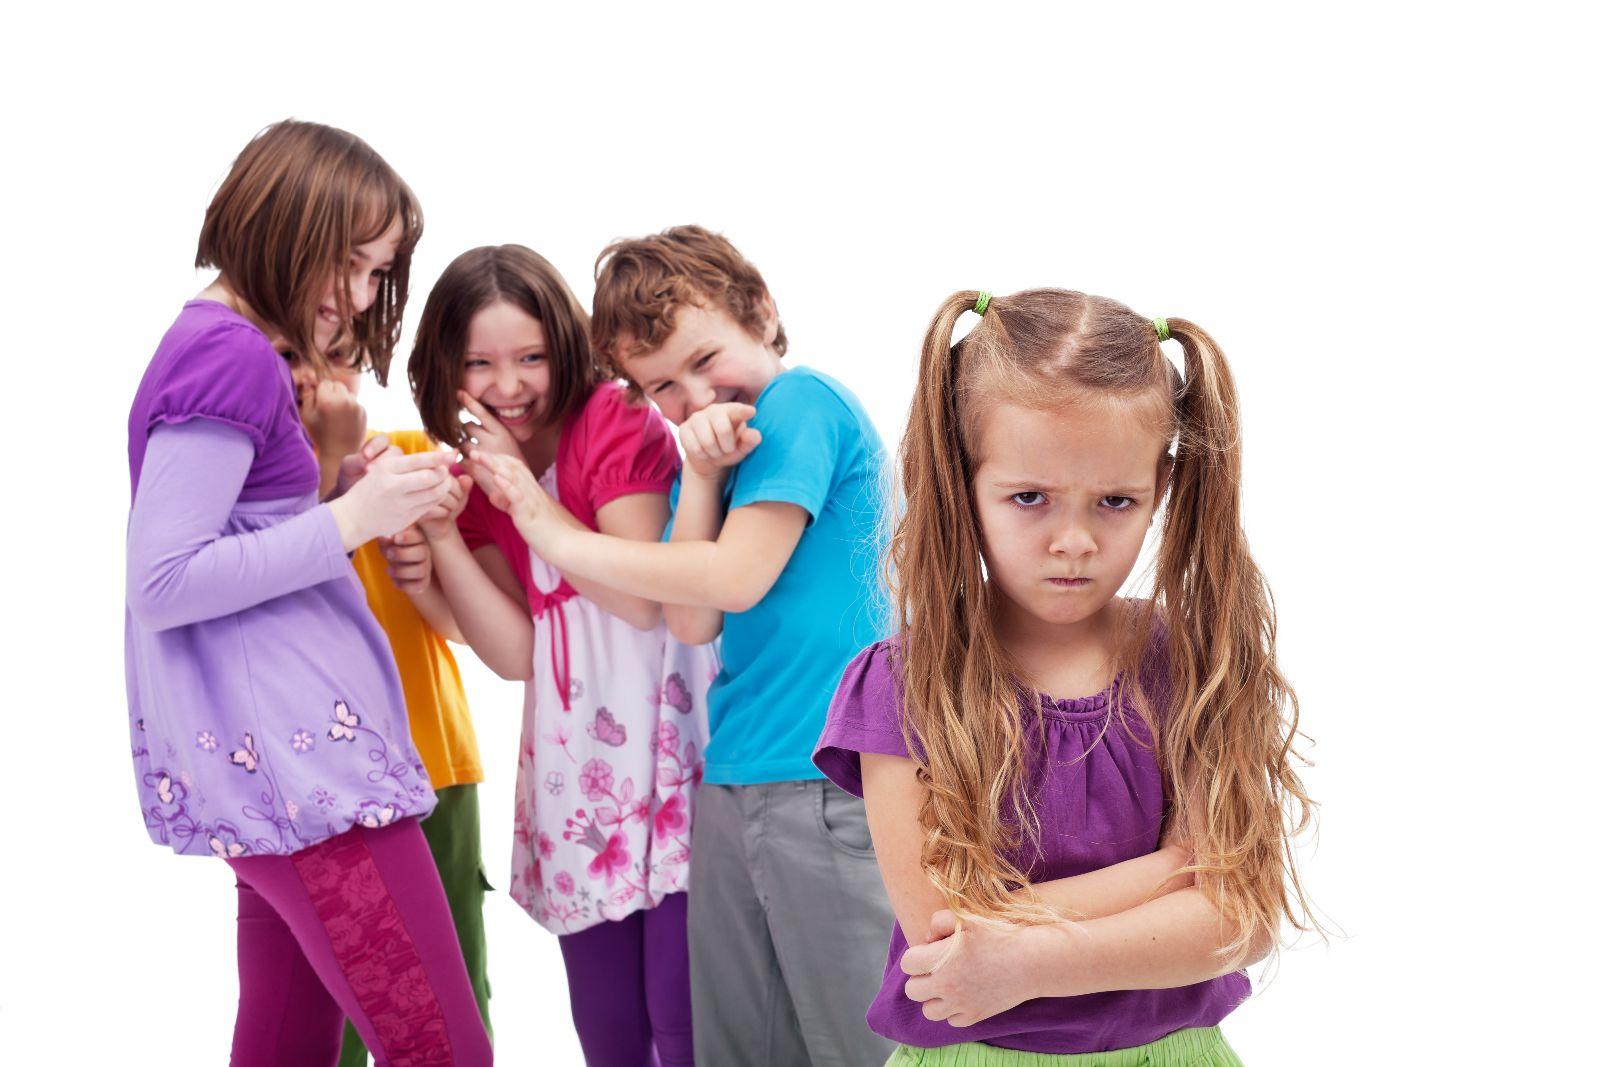 Niña molesta y apenada atras niños burlandose